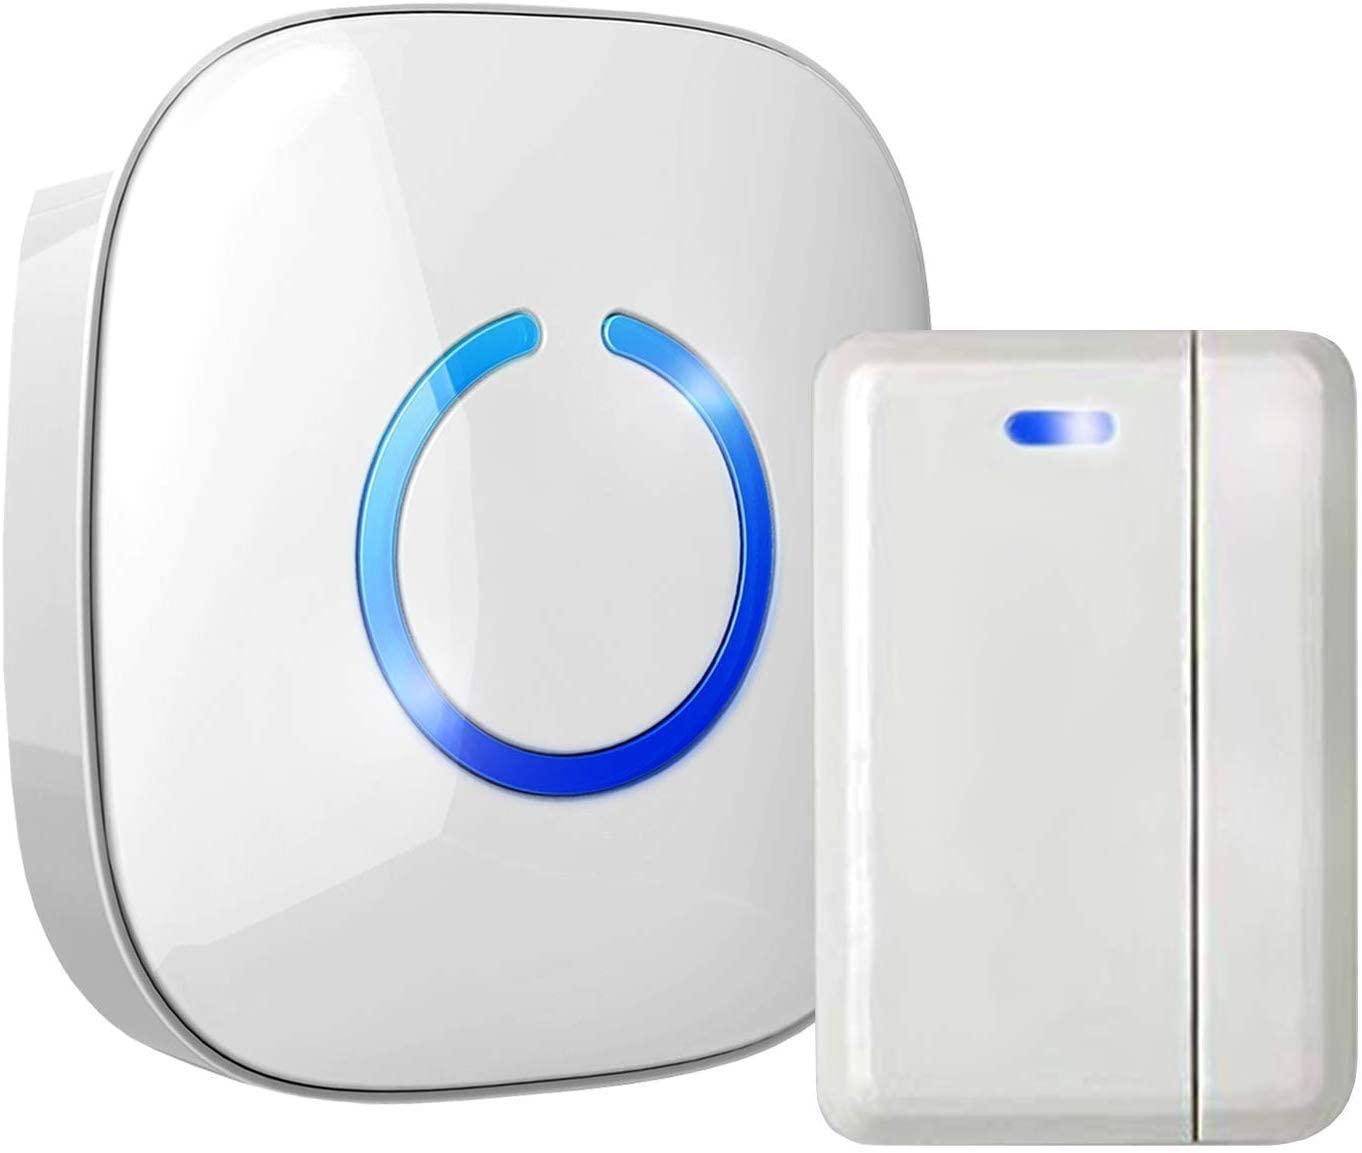 Hands-Free Door Chime or Window Alert with Magnetic Sensors, Activates When Door or Window is Opened, Door Open Chime or Window Alert, 1 Door Sensor + 1 Plug-in Receiver